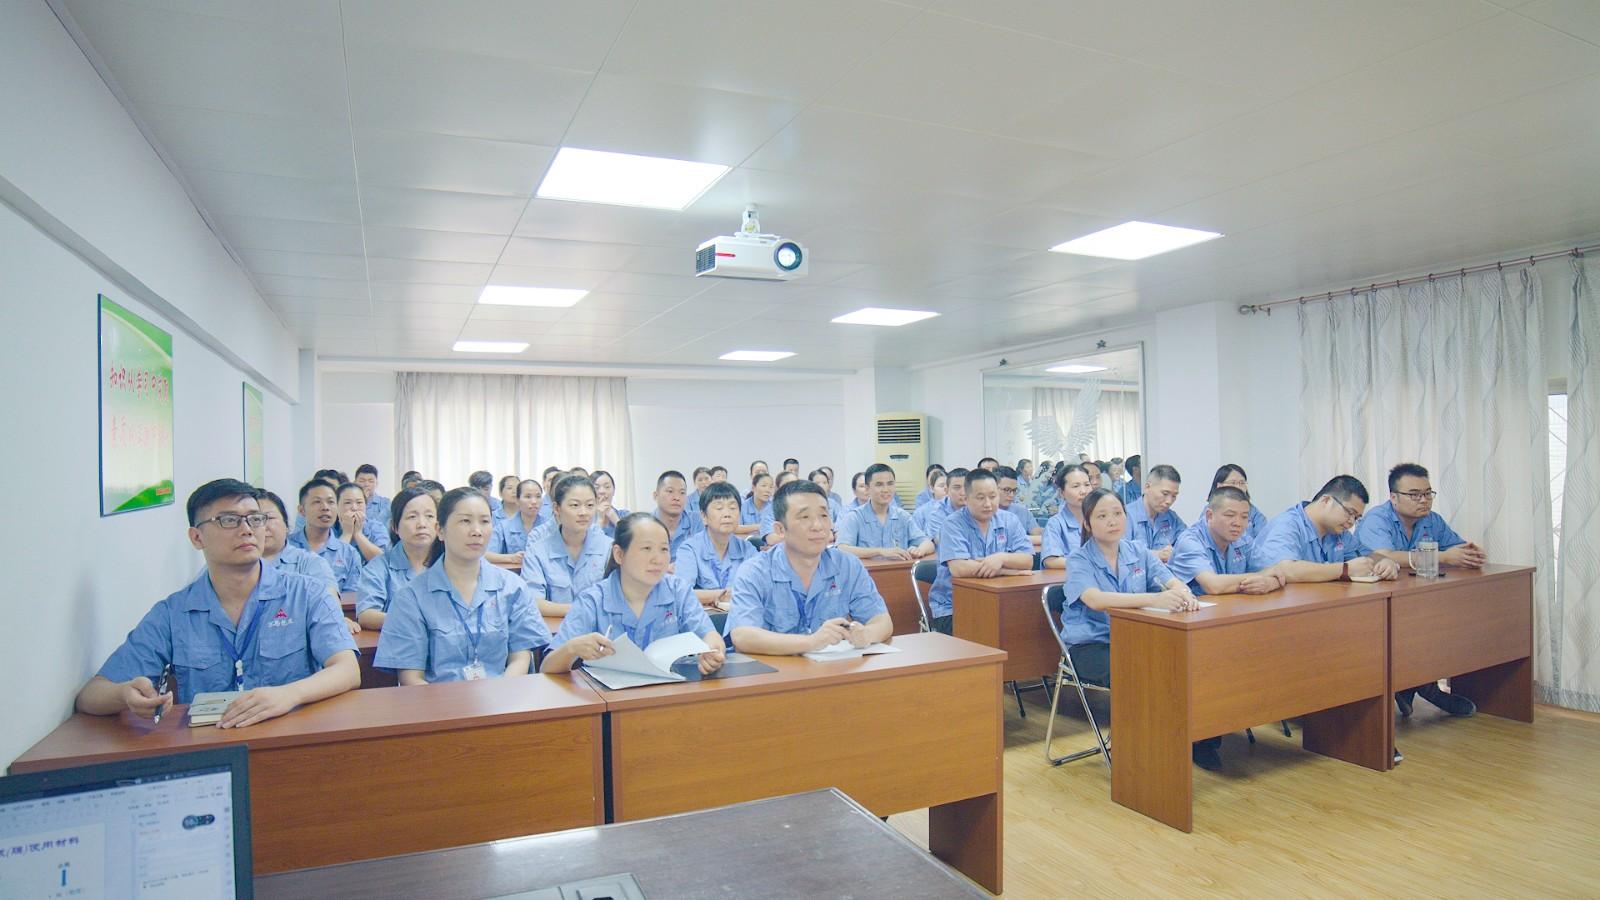 员工培训室 Staff training room